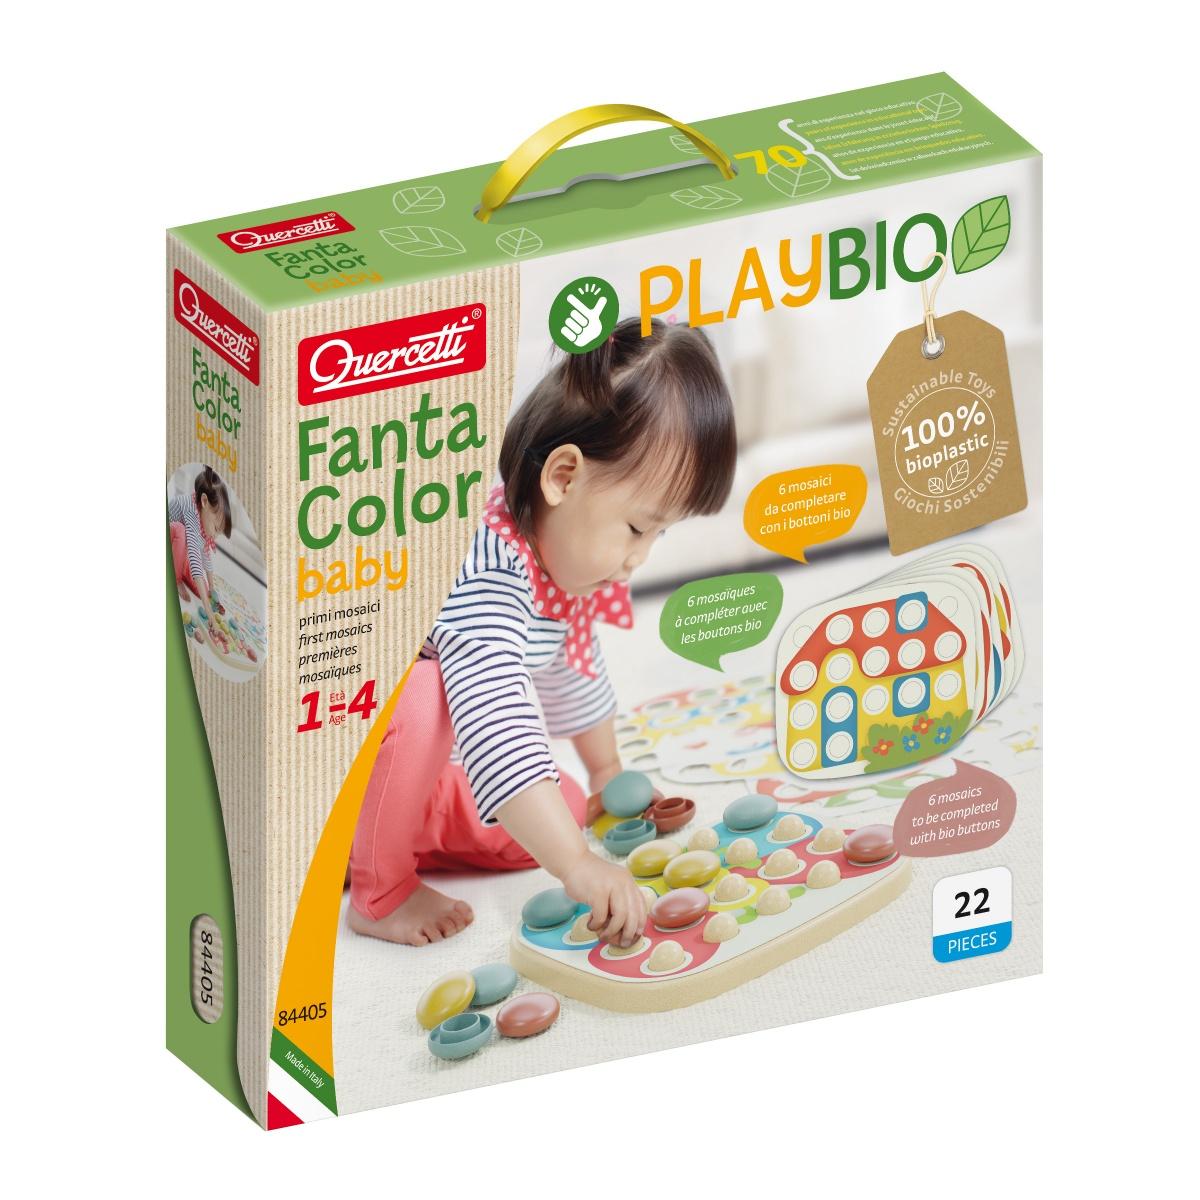 Playbio. Fantacolor Baby